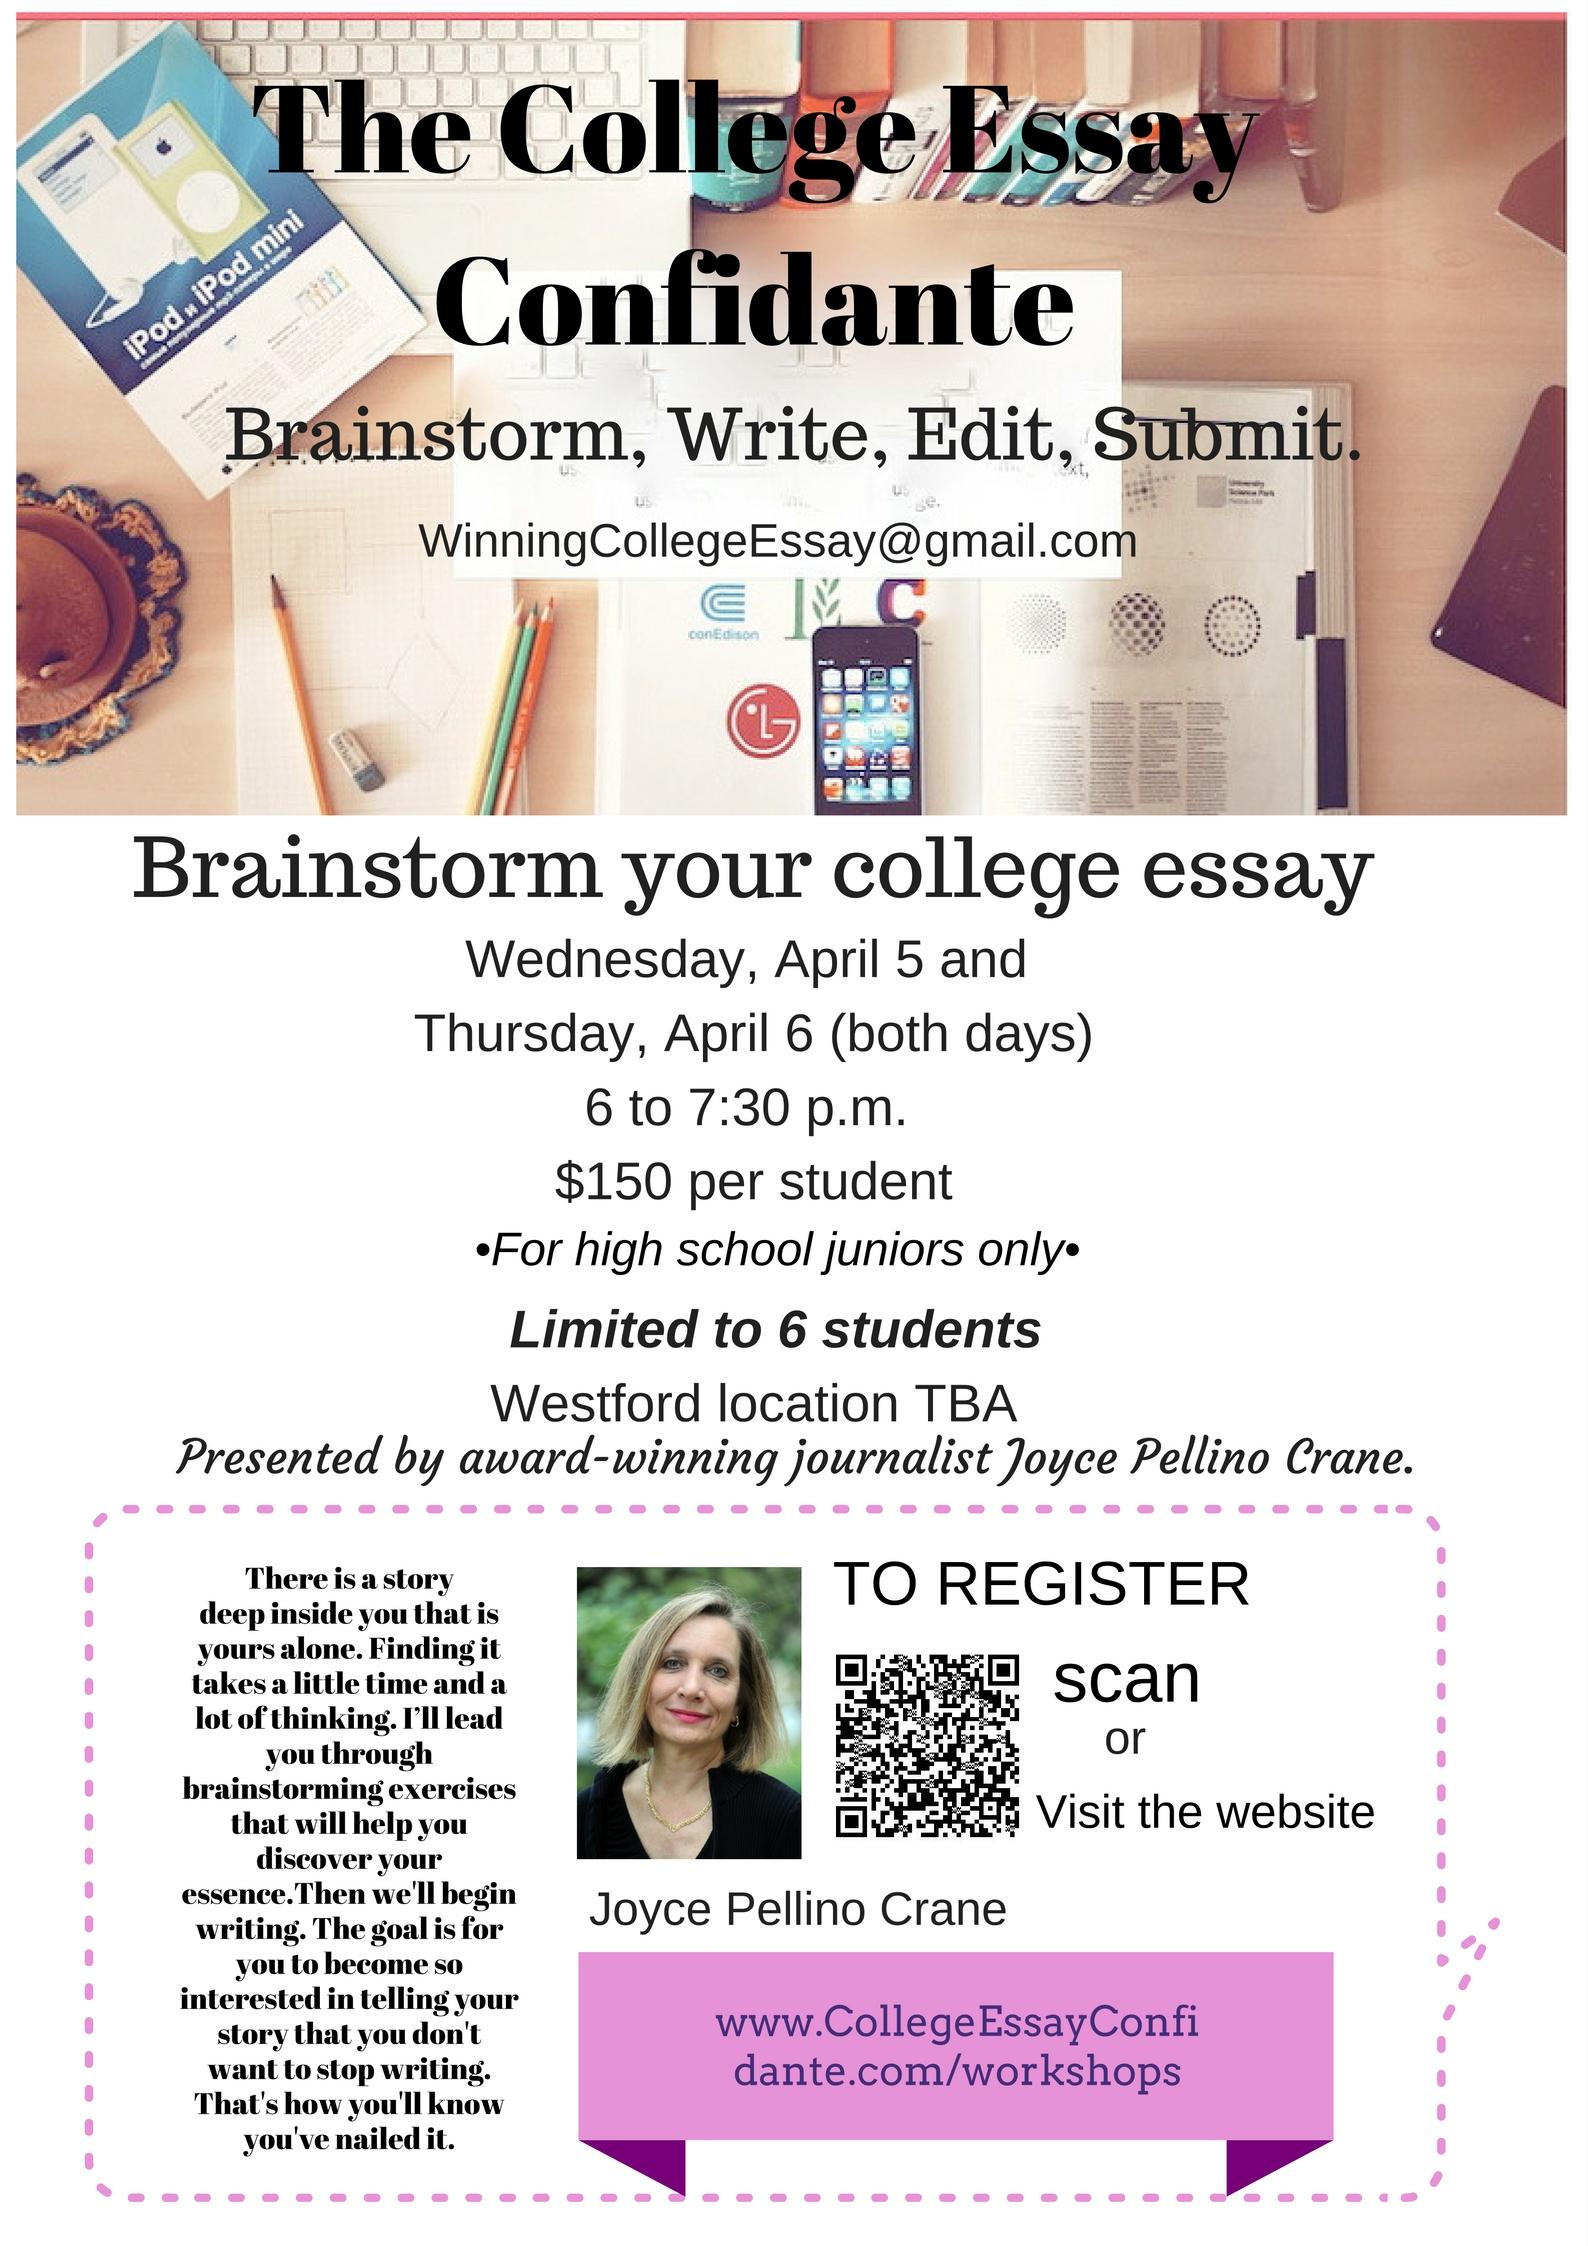 Brainstorming College Essay Ideas